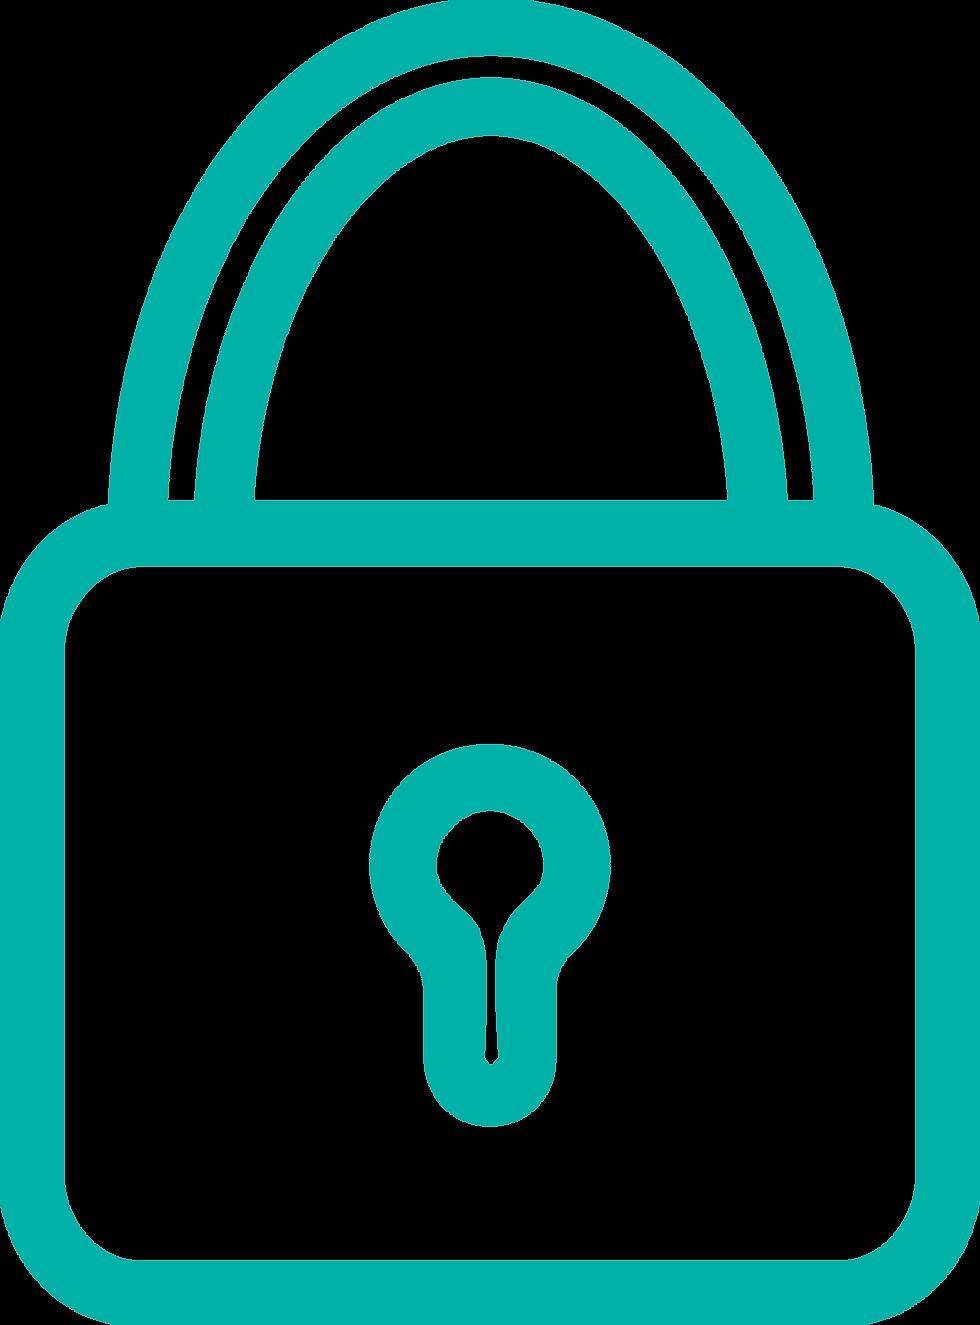 La seguridad está representada a través de un candado, ya que Prosei trabaja mucho en este punto con su equipo de informáticos.